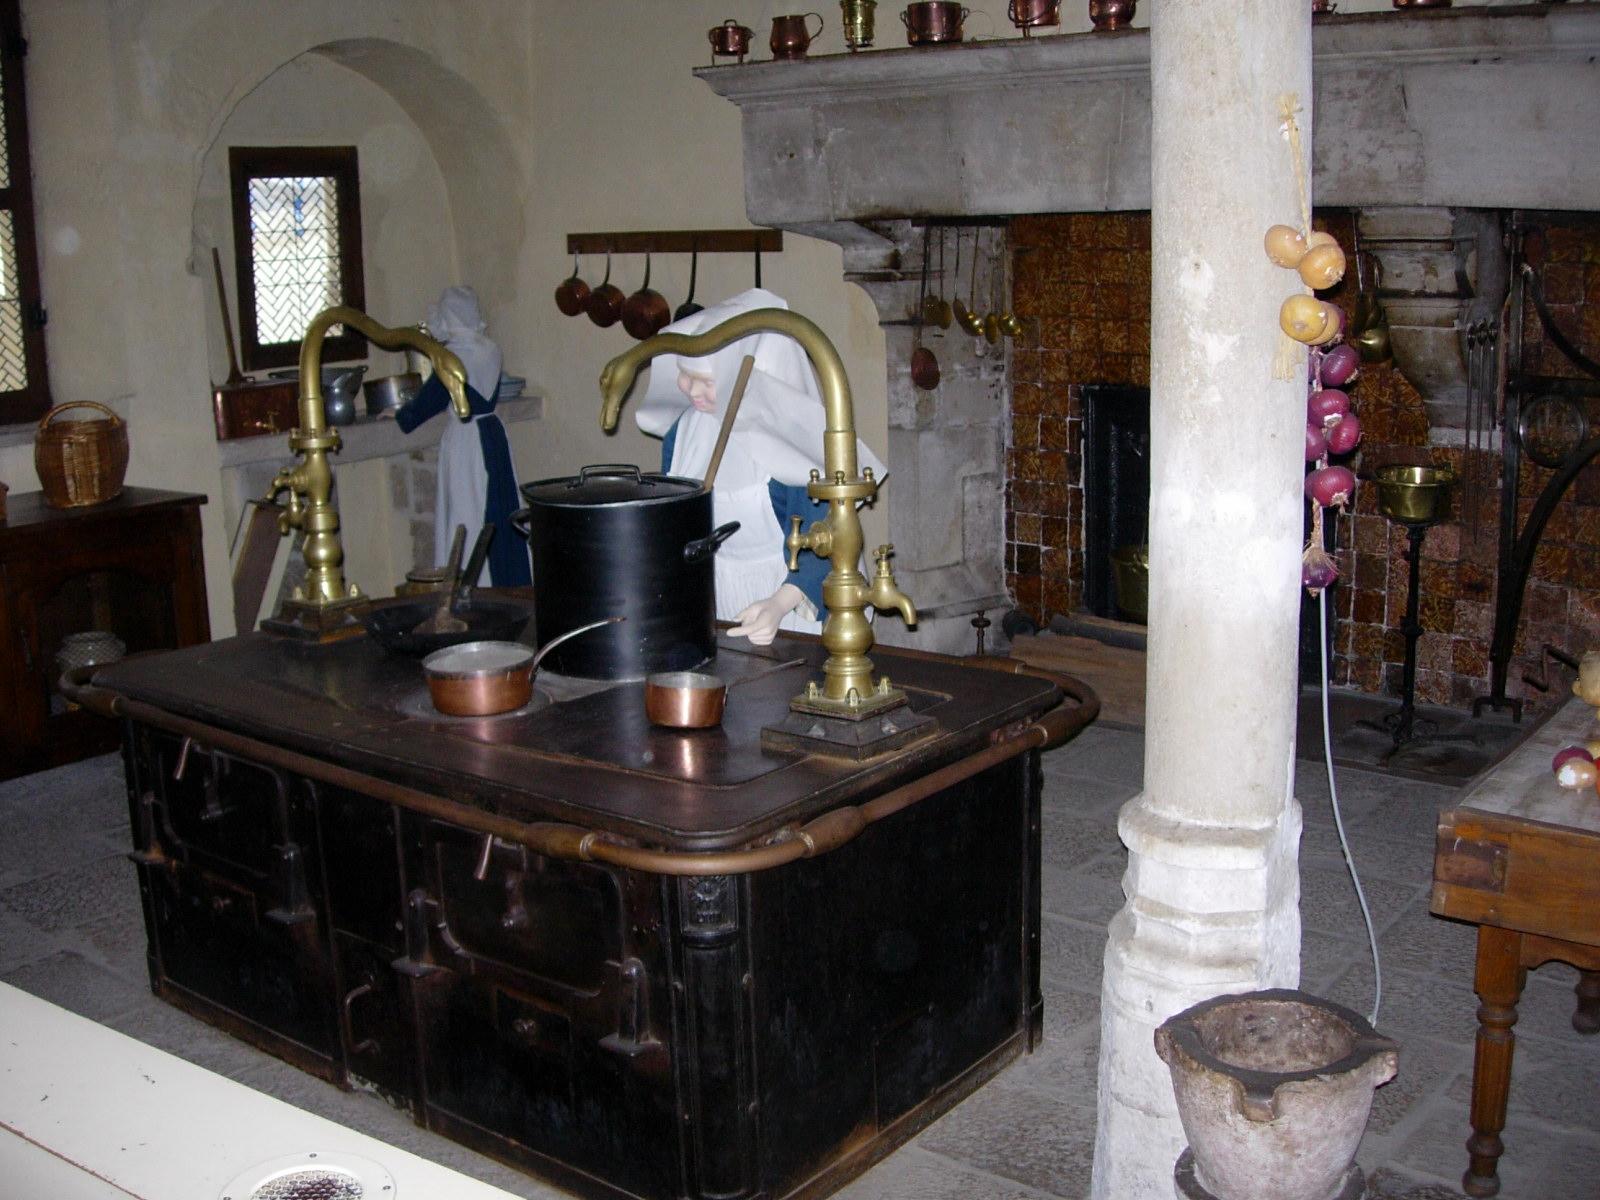 H tel dieu de beaune nicolas79 voyages d couvertes for Cuisine xviiie siecle